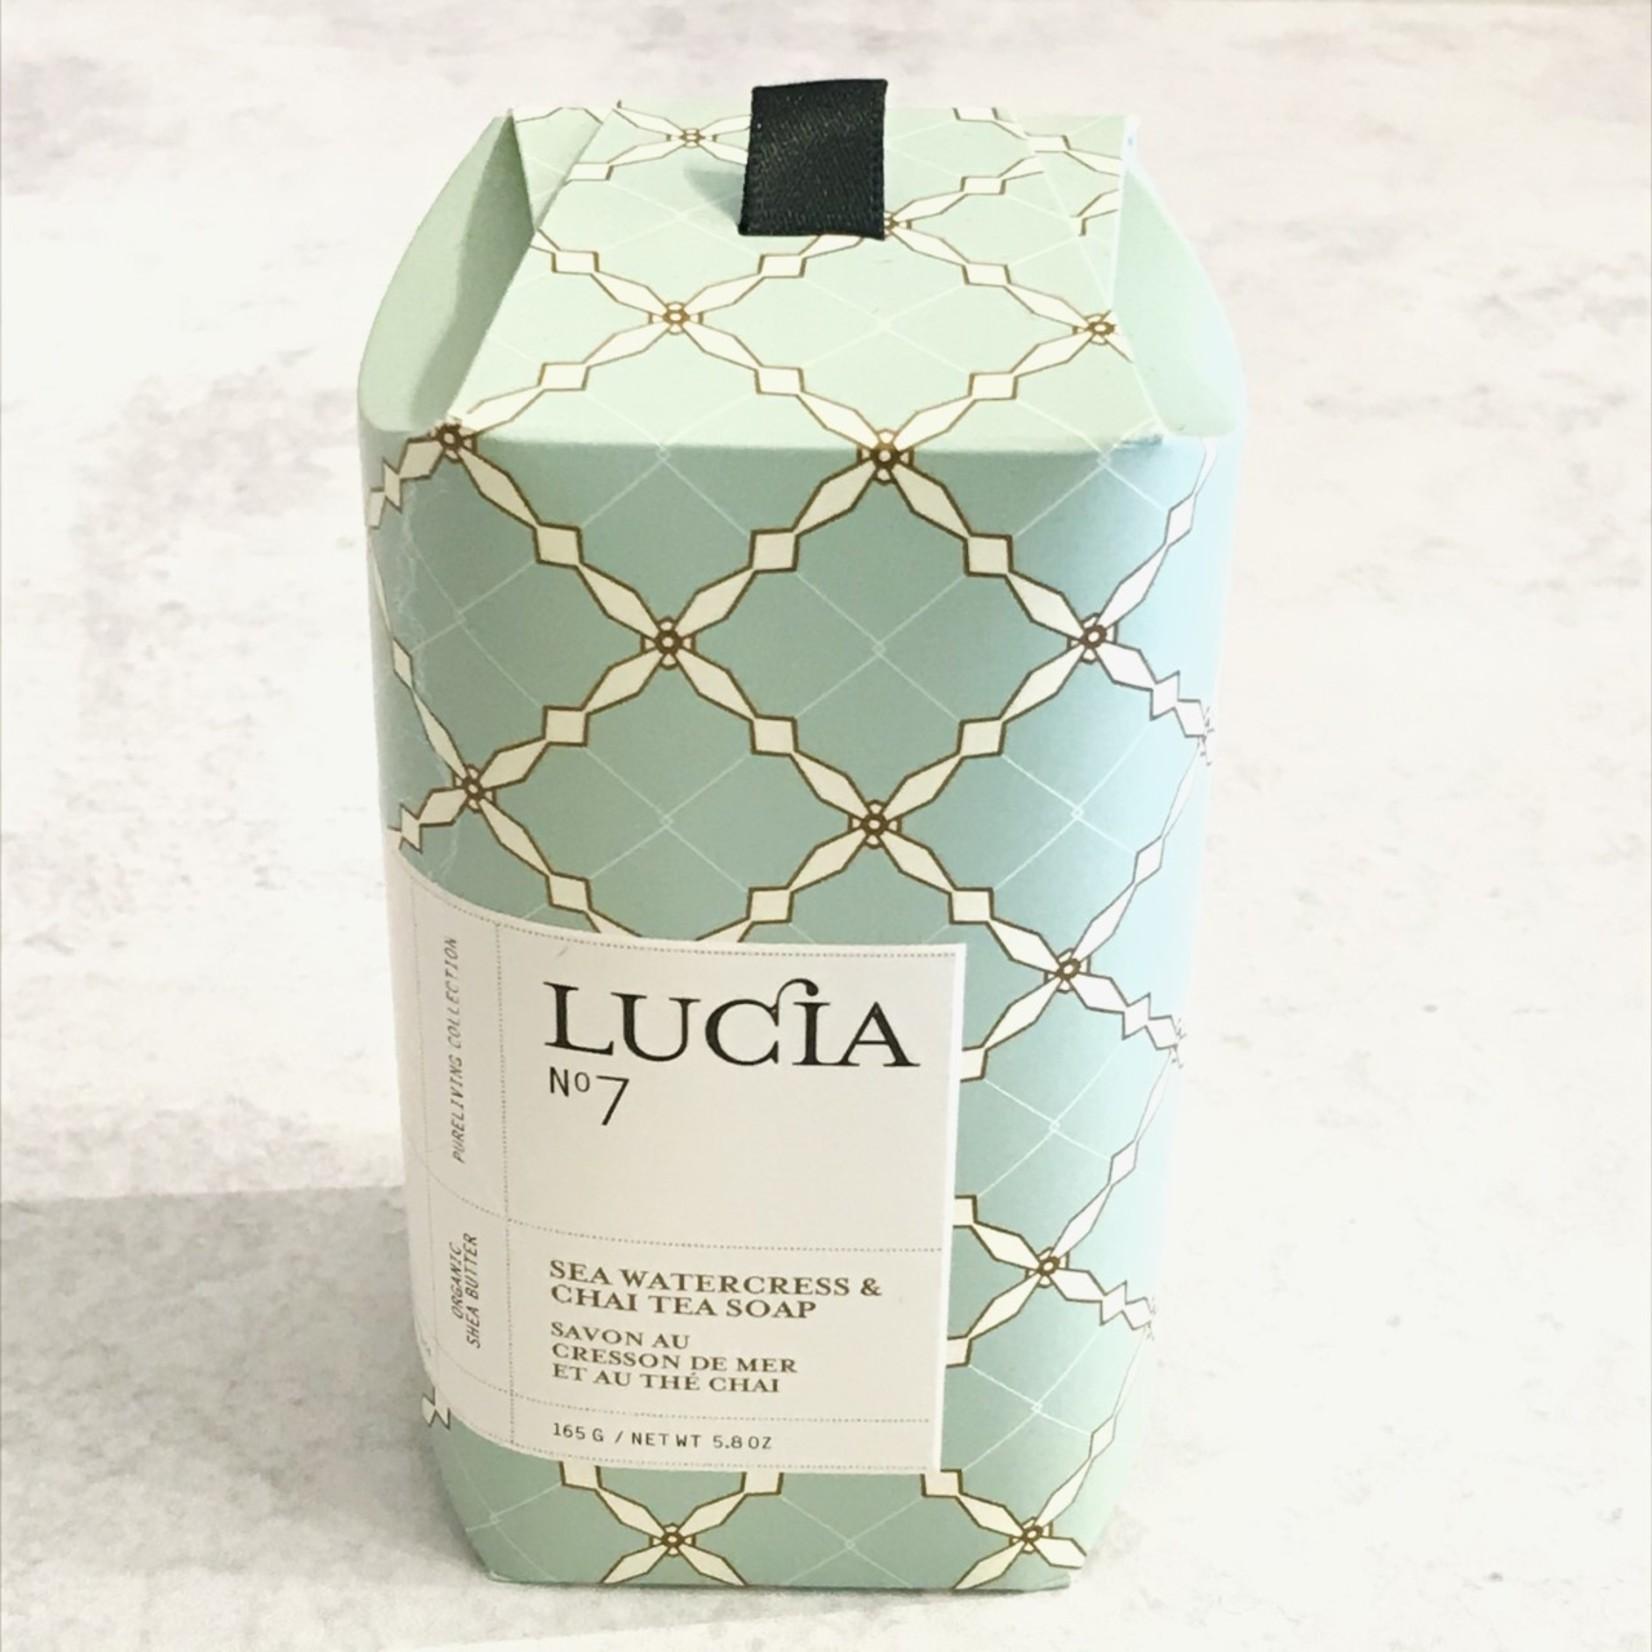 Lucia Sea Watercress & Chai Tea Soap